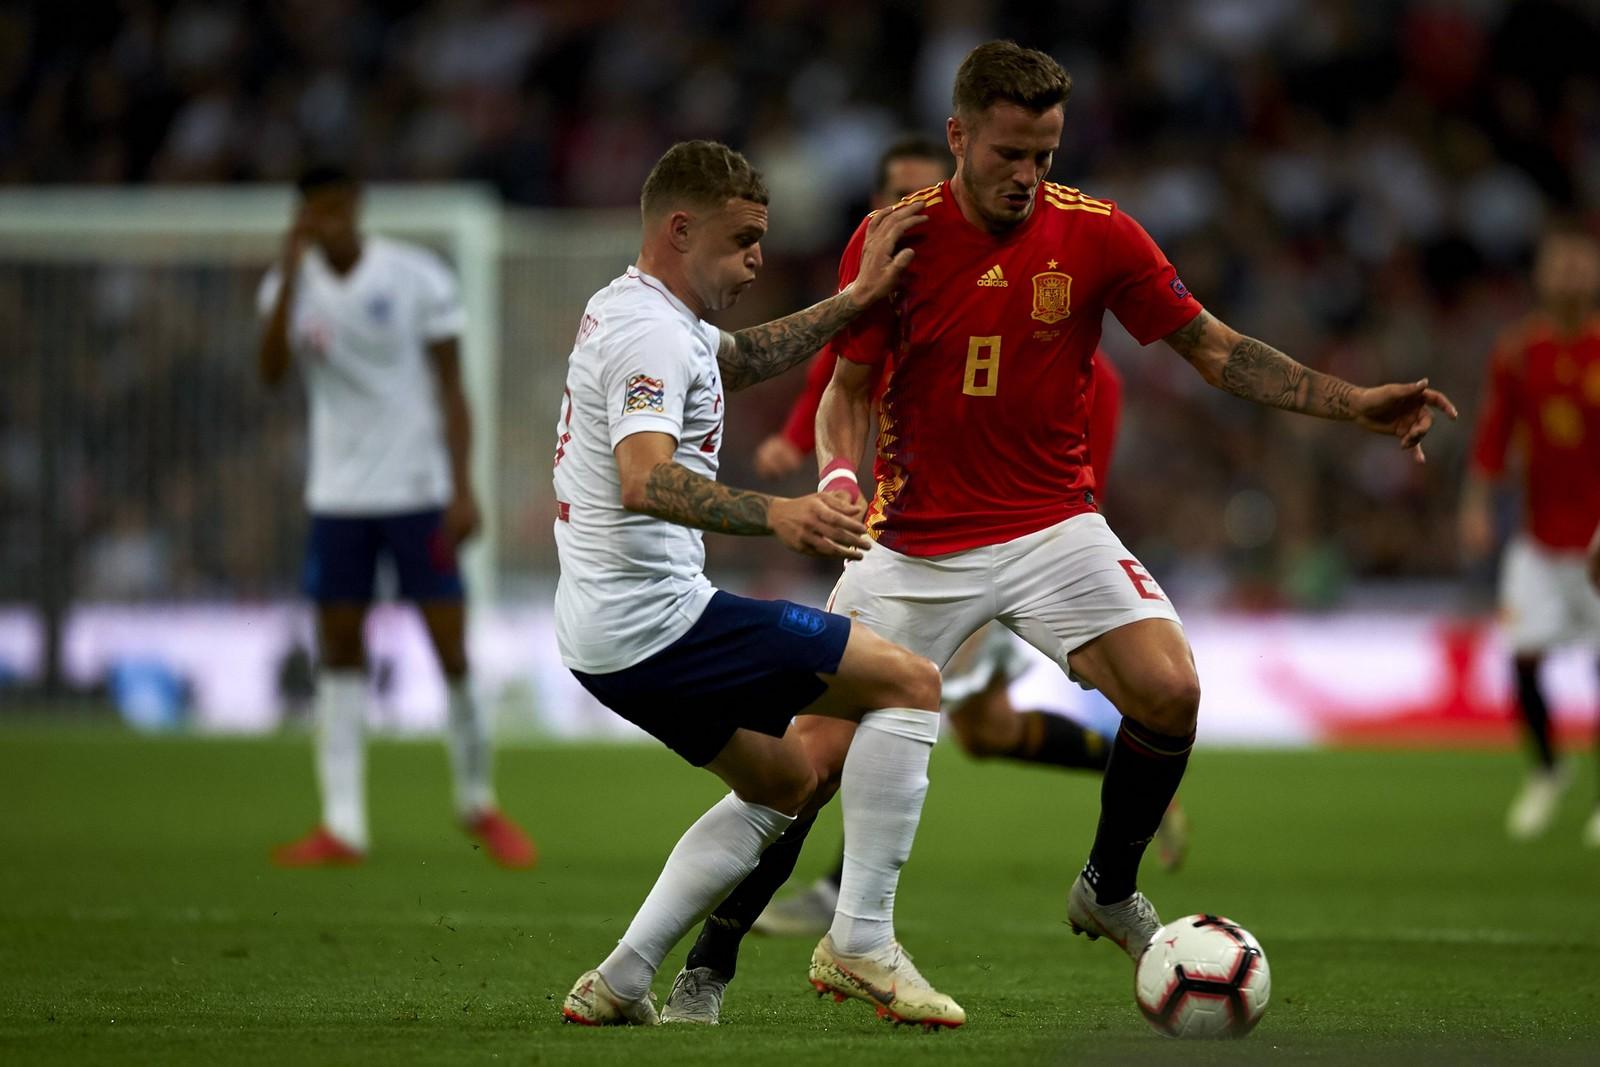 Setzt sich Niguez wieder gegen Tripper durch? Jetzt auf Spanien vs England wetten